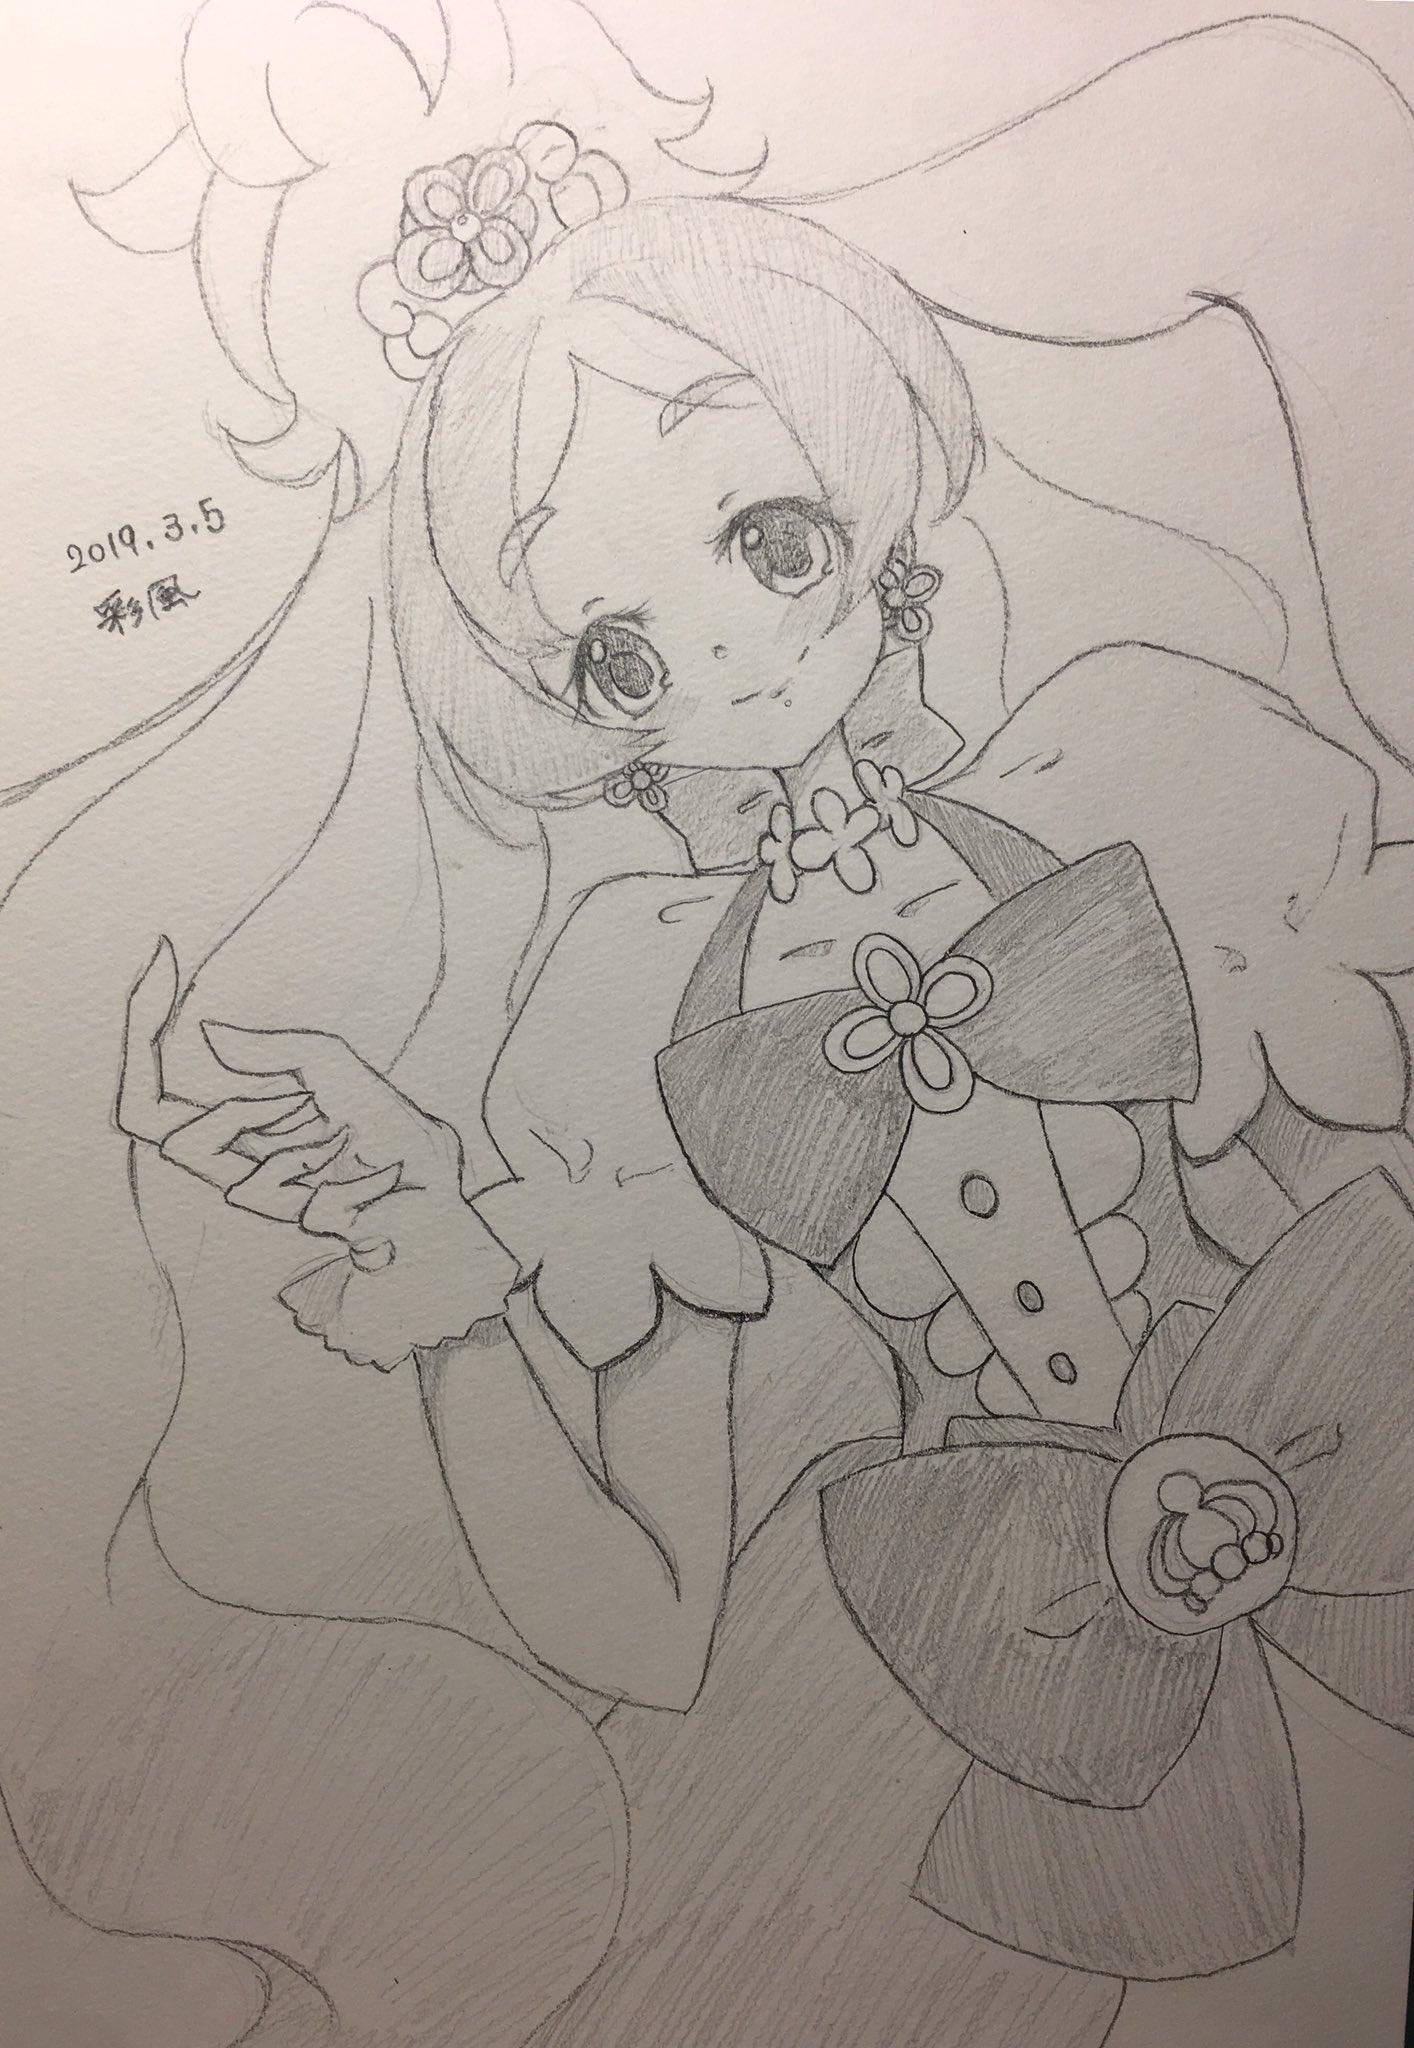 白露 彩風@メモリアルプリキュア更新中 (@Hakuro_sayaka)さんのイラスト